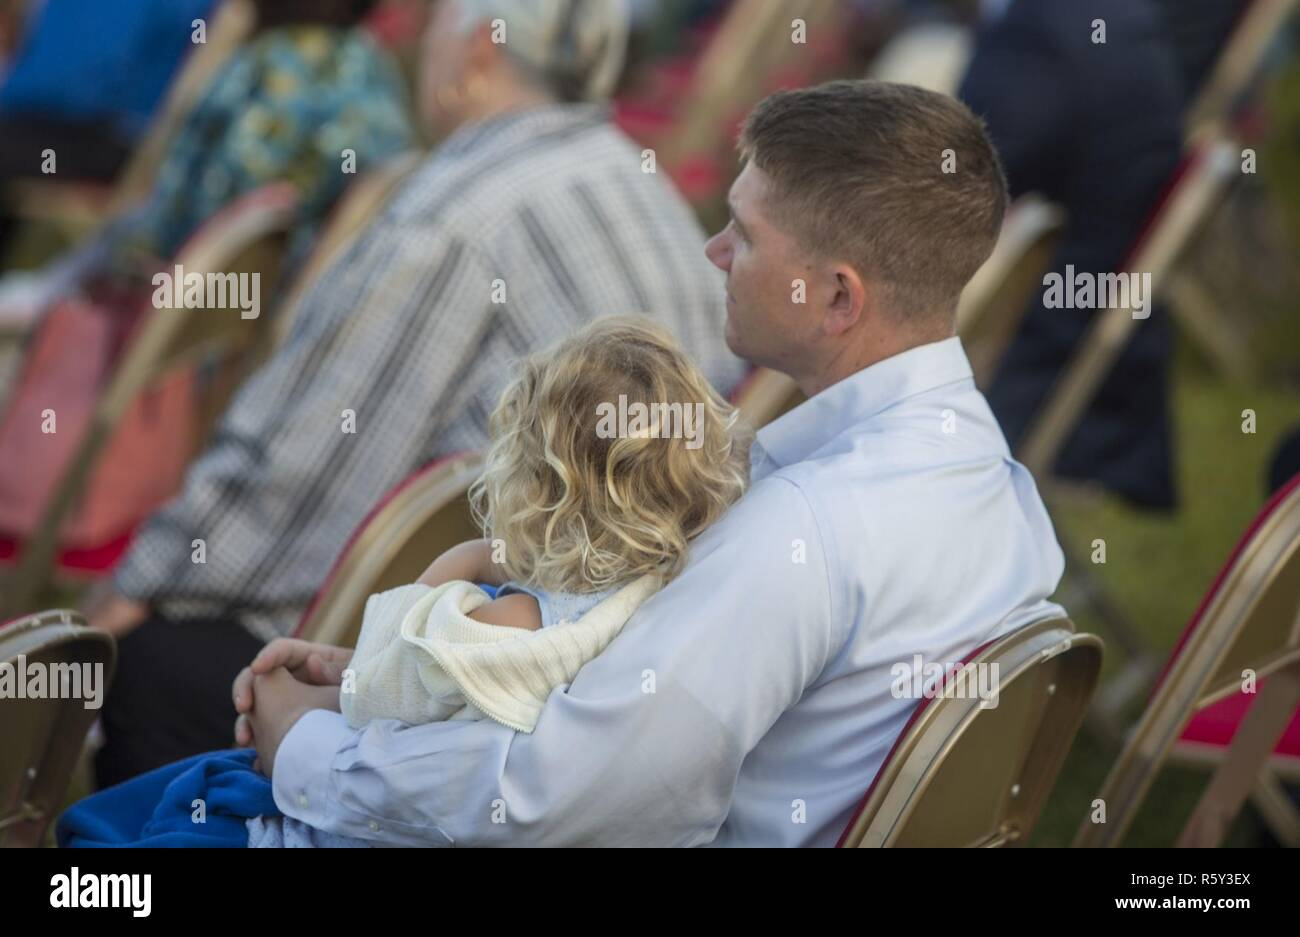 Ein Vater hält seine Tochter während der Predigt während der jährlichen Easter Sunrise Zeremonie, Camp Lejeune, N.C., 16. April 2017 hören. Jedes Jahr das Marine Corps Installationen Osten Kaplan hosts Die Easter Sunrise Zeremonie für die Marines und Seeleute, ihre Familien zu bringen und das Osterfest feiern. Stockbild